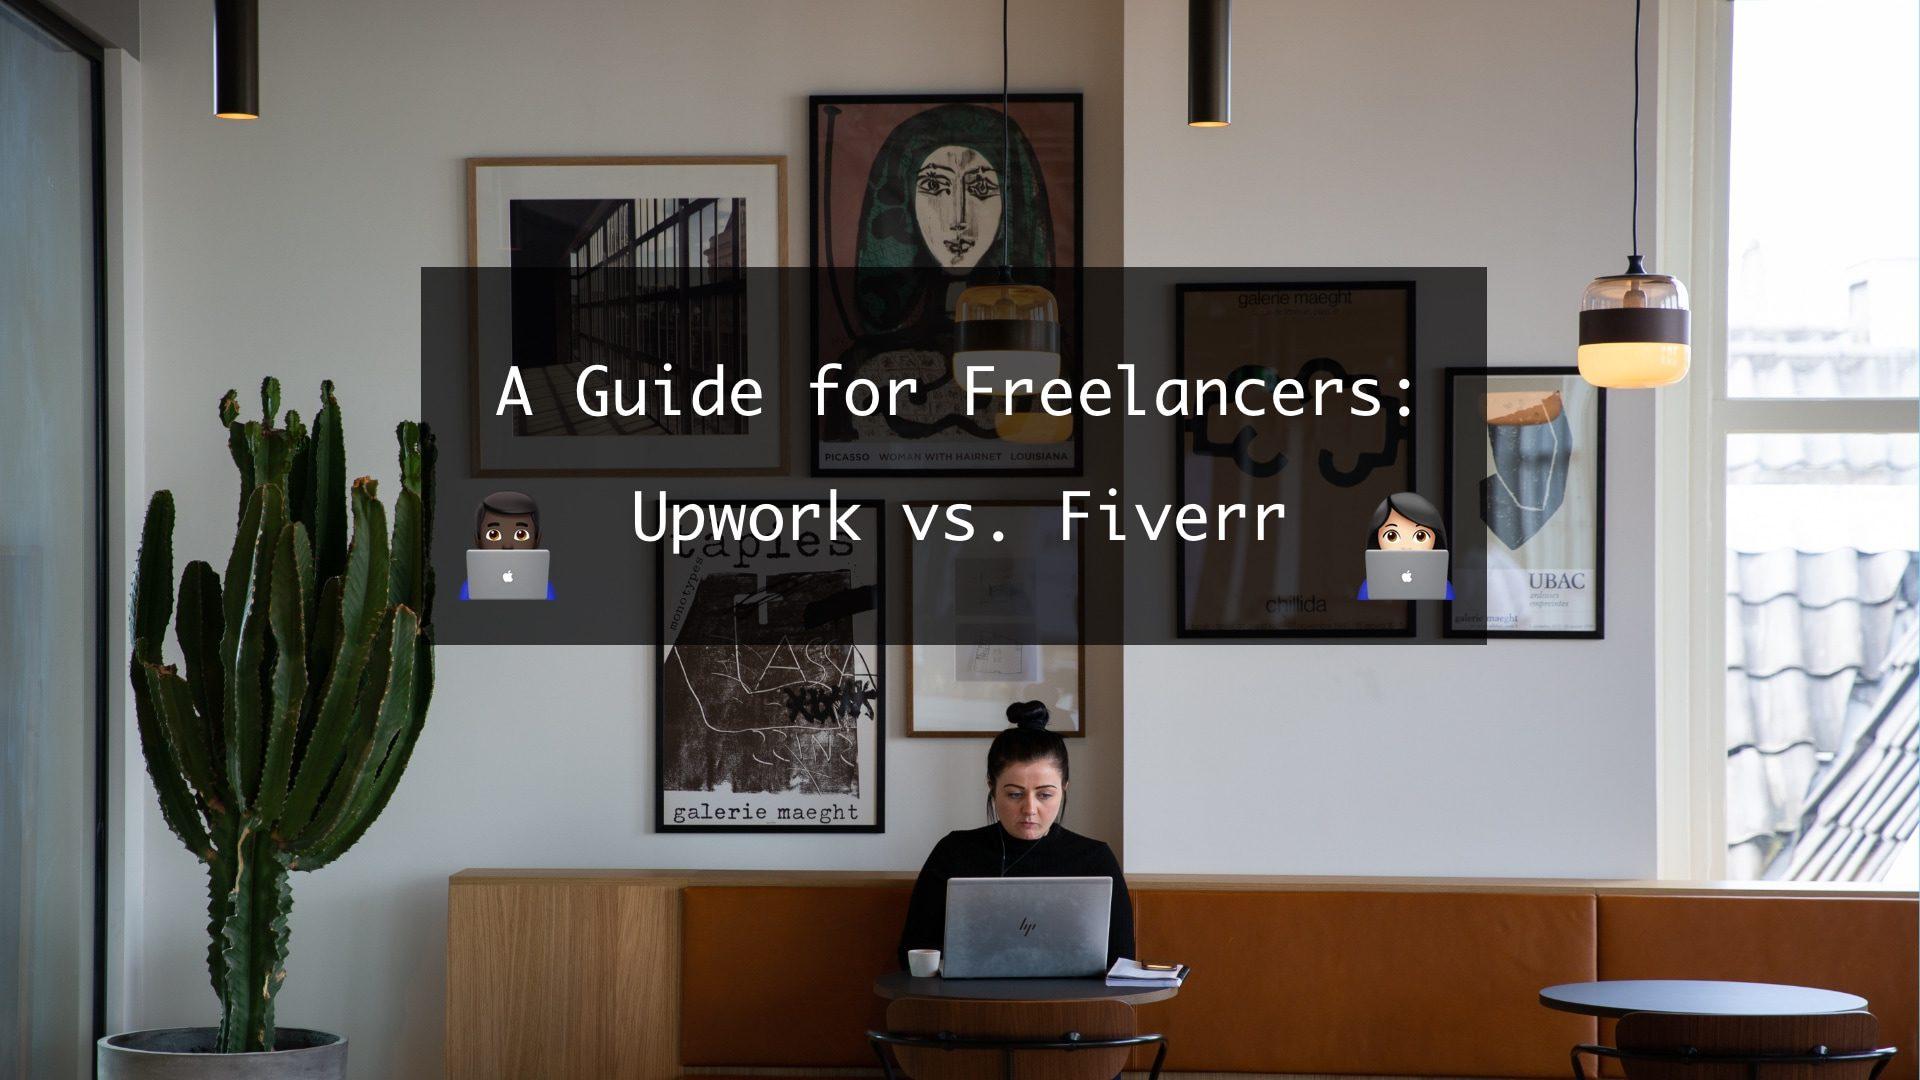 Freelancers Guide - Should I Freelance for Upwork or FIverr